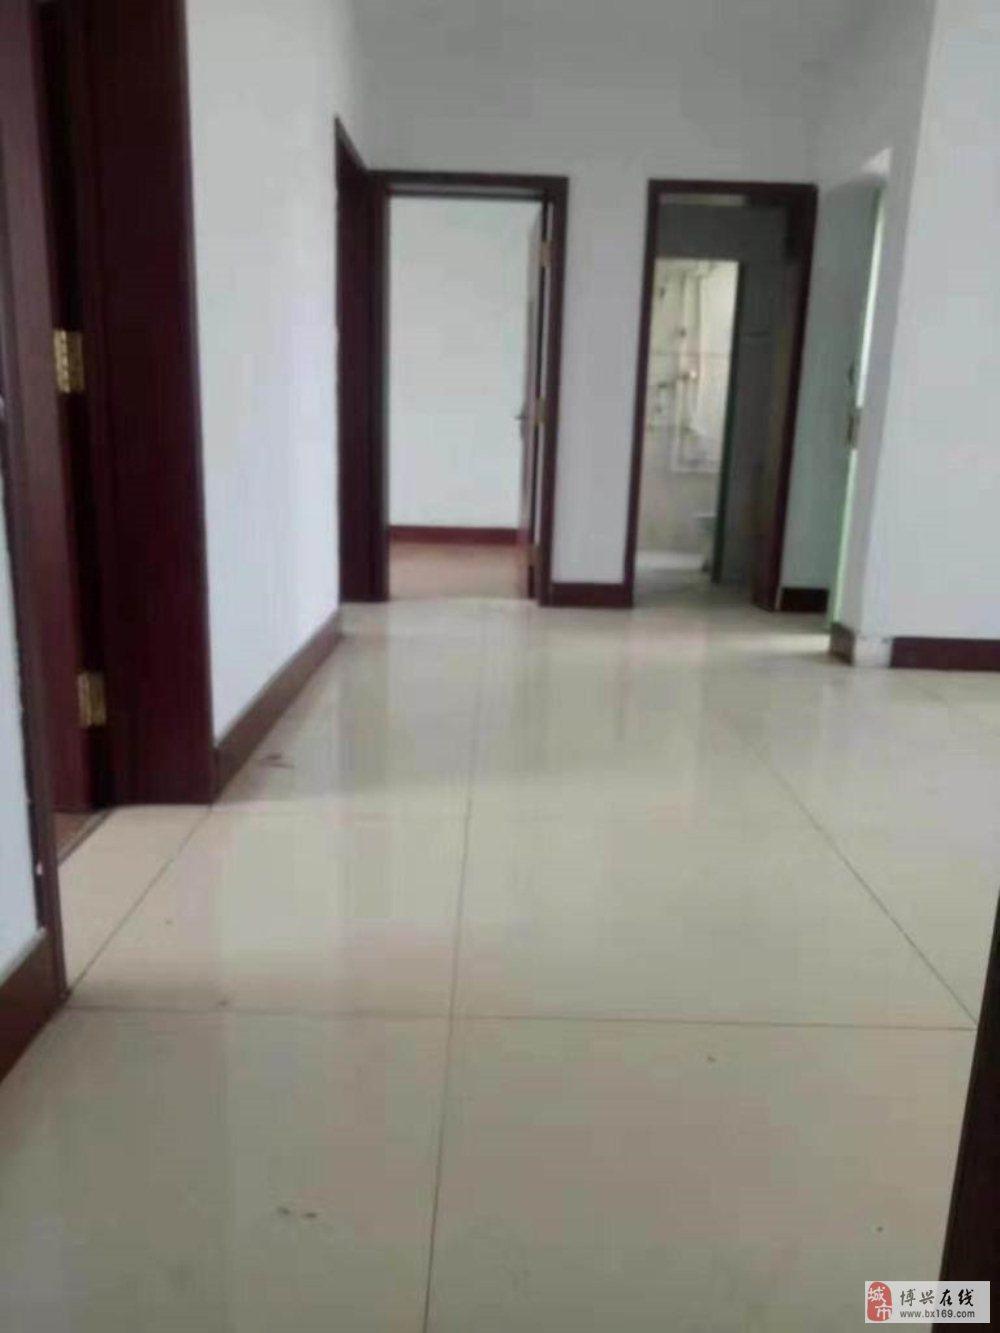 04363乐安小区3室2厅1卫45万元